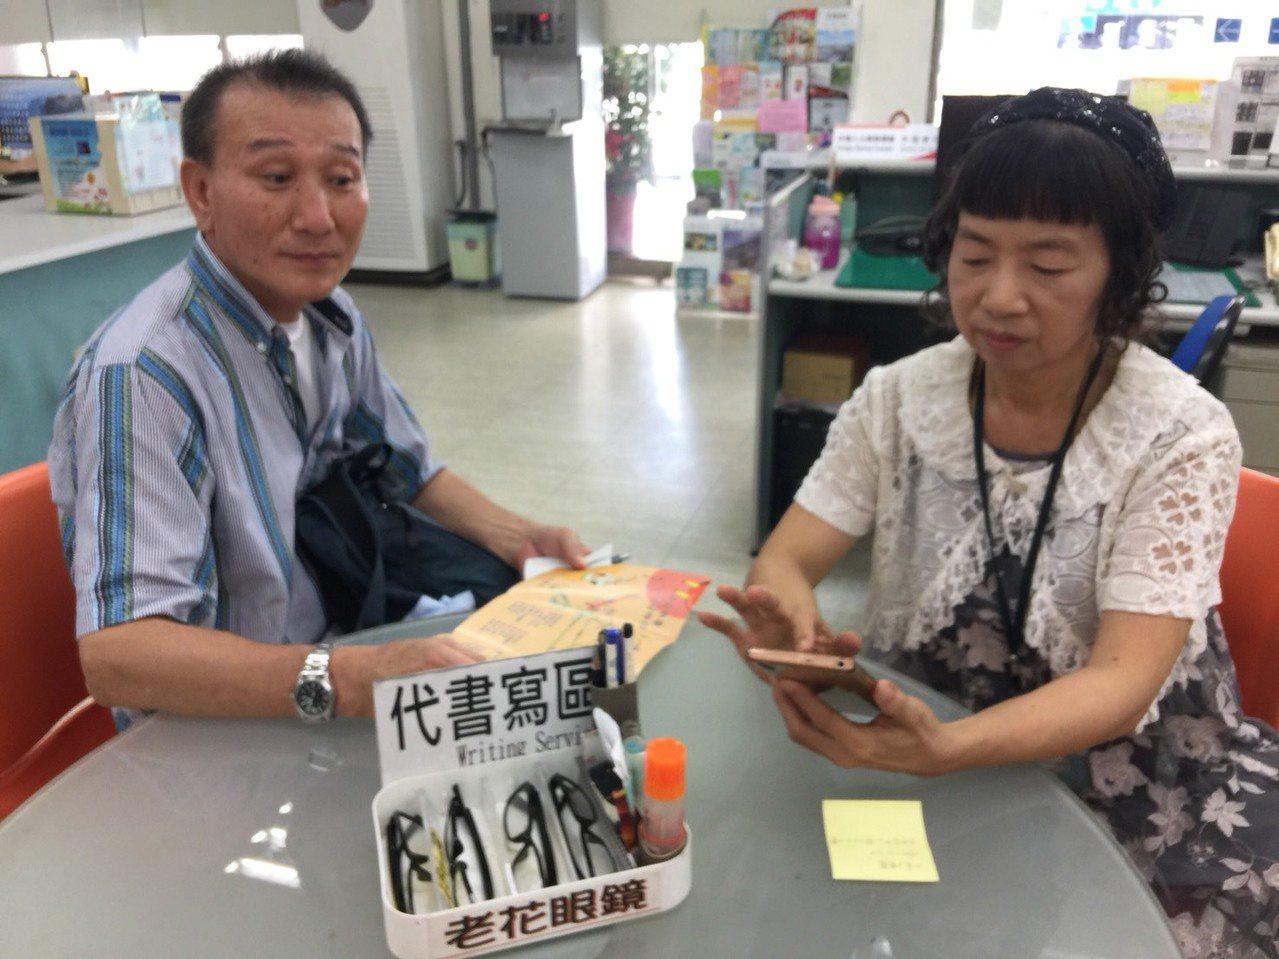 日本遊客松下等(左)今年7月慕名到台南玉井體驗採芒果,玉井區公所員工透過翻譯軟體...